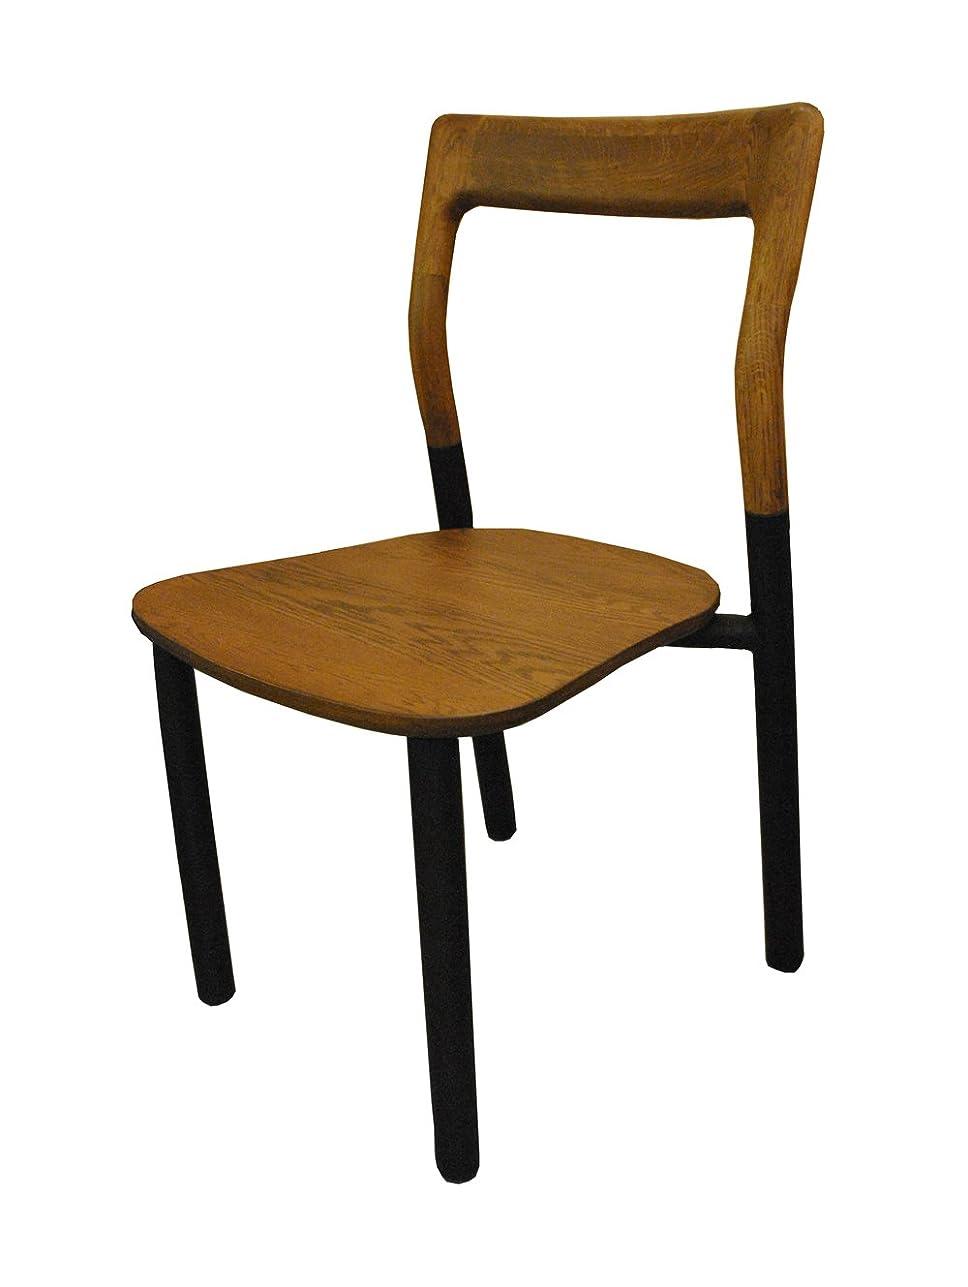 制限された真っ逆さまディレイ【チェア】シンプル?スタイリッシュ オーク×スチール 北欧調や男前インテリアに! Flo Join Chair WN/BK FLOJCWNBK